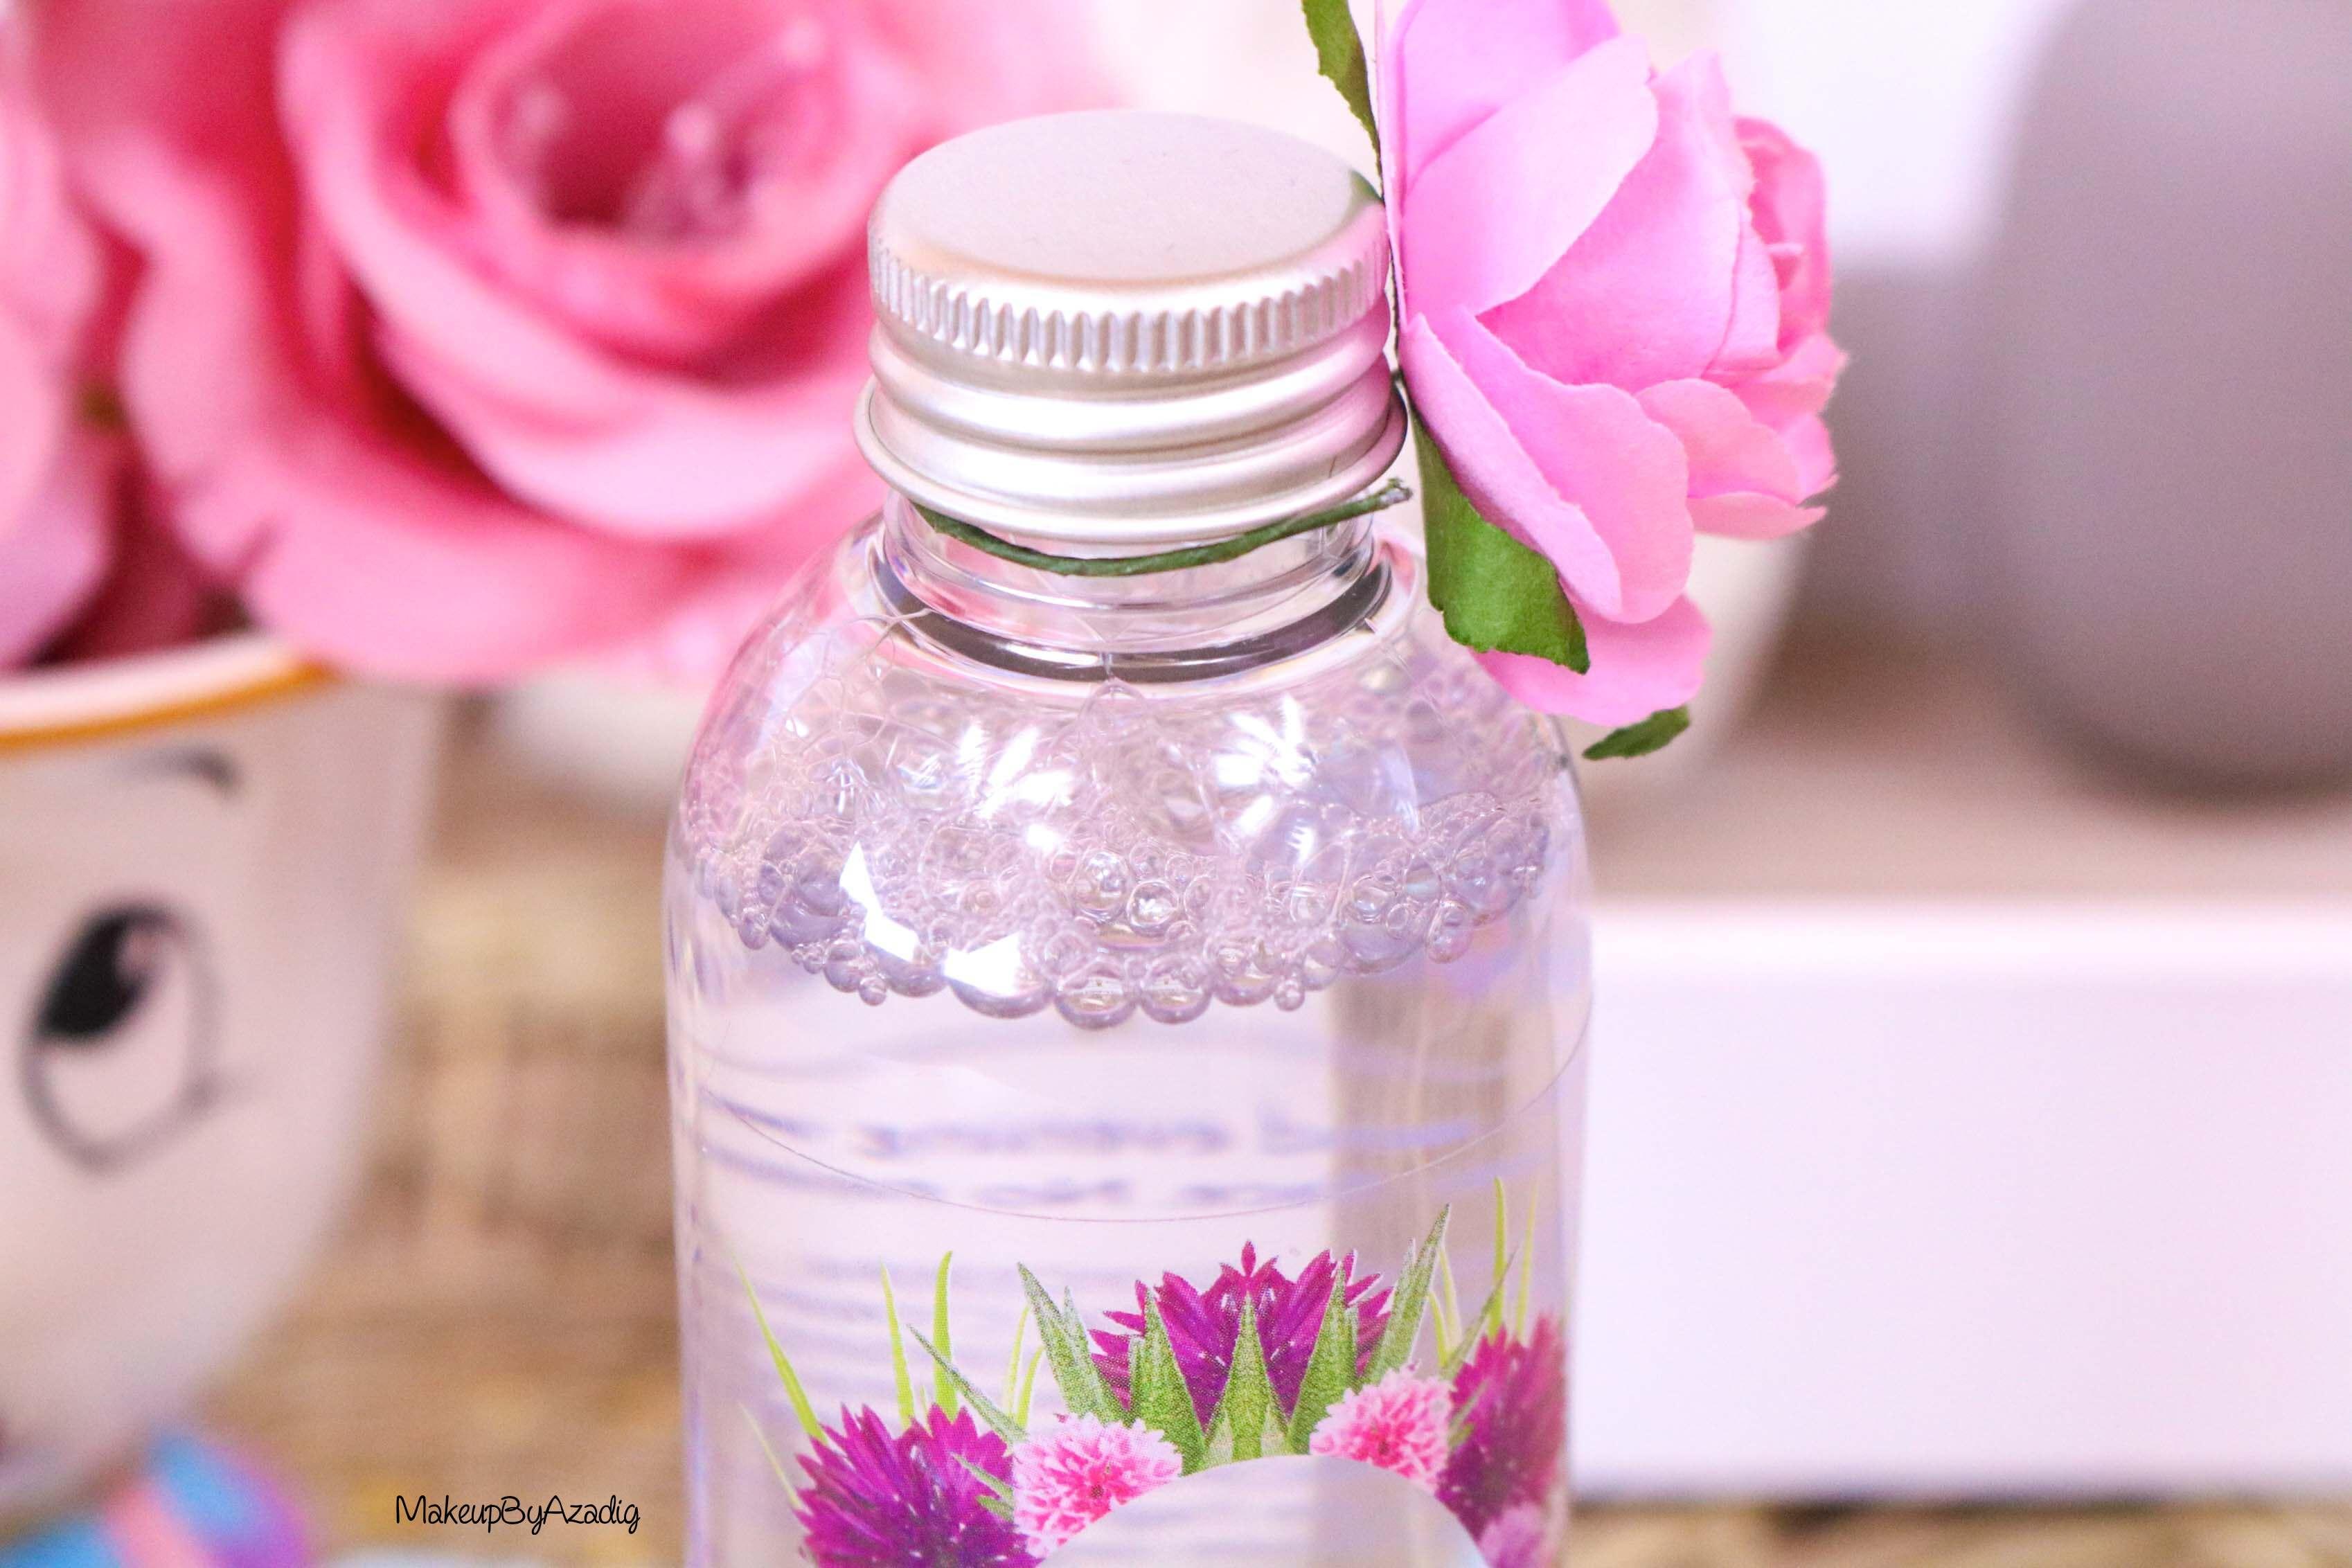 revue-eau-micellaire-peau-sensible-cosmetique-bio-fleurance-nature-makeupbyazadig-florale-bleuet-prix-avis-bouchon